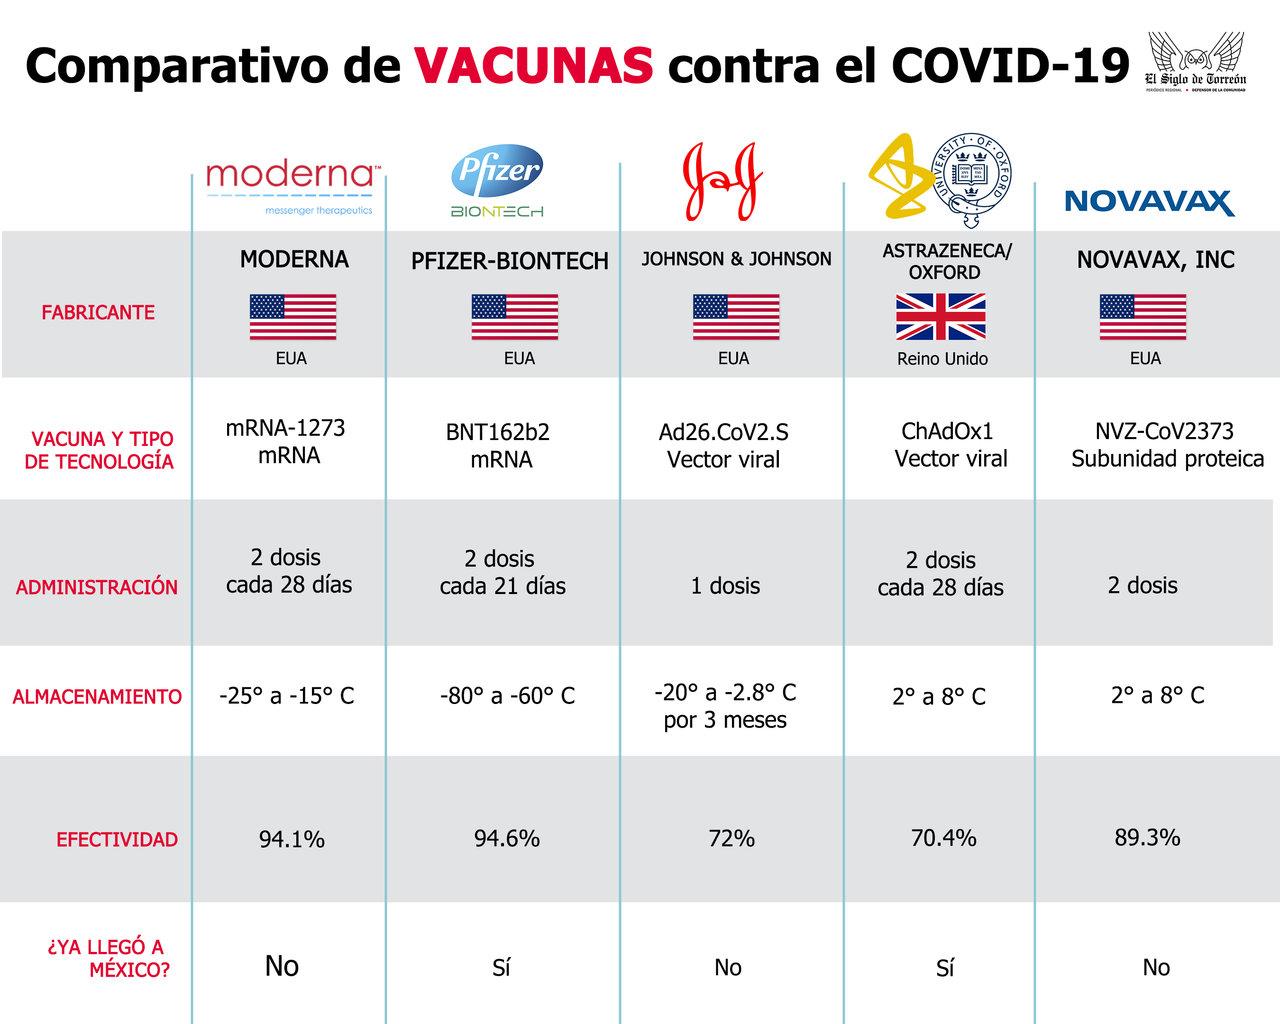 Vacunas contra el COVID-19; conoce cuántas hay y sus características